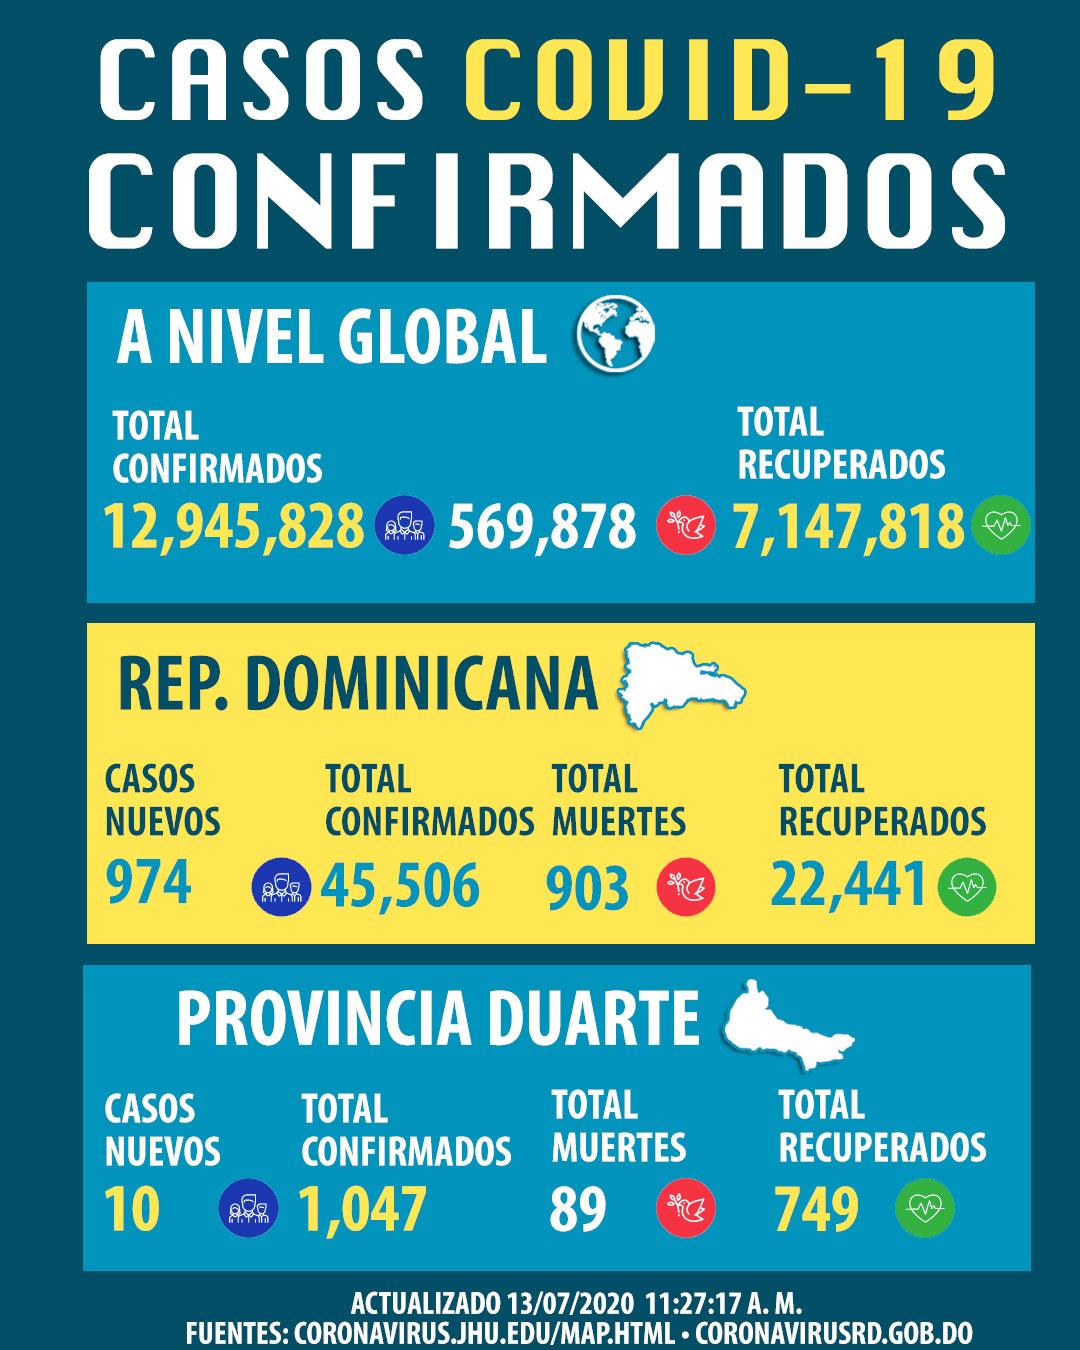 En tanto, los infectados suman 45,506, de ellos 974 nuevos, agregó el ministro en rueda de prensa virtual.